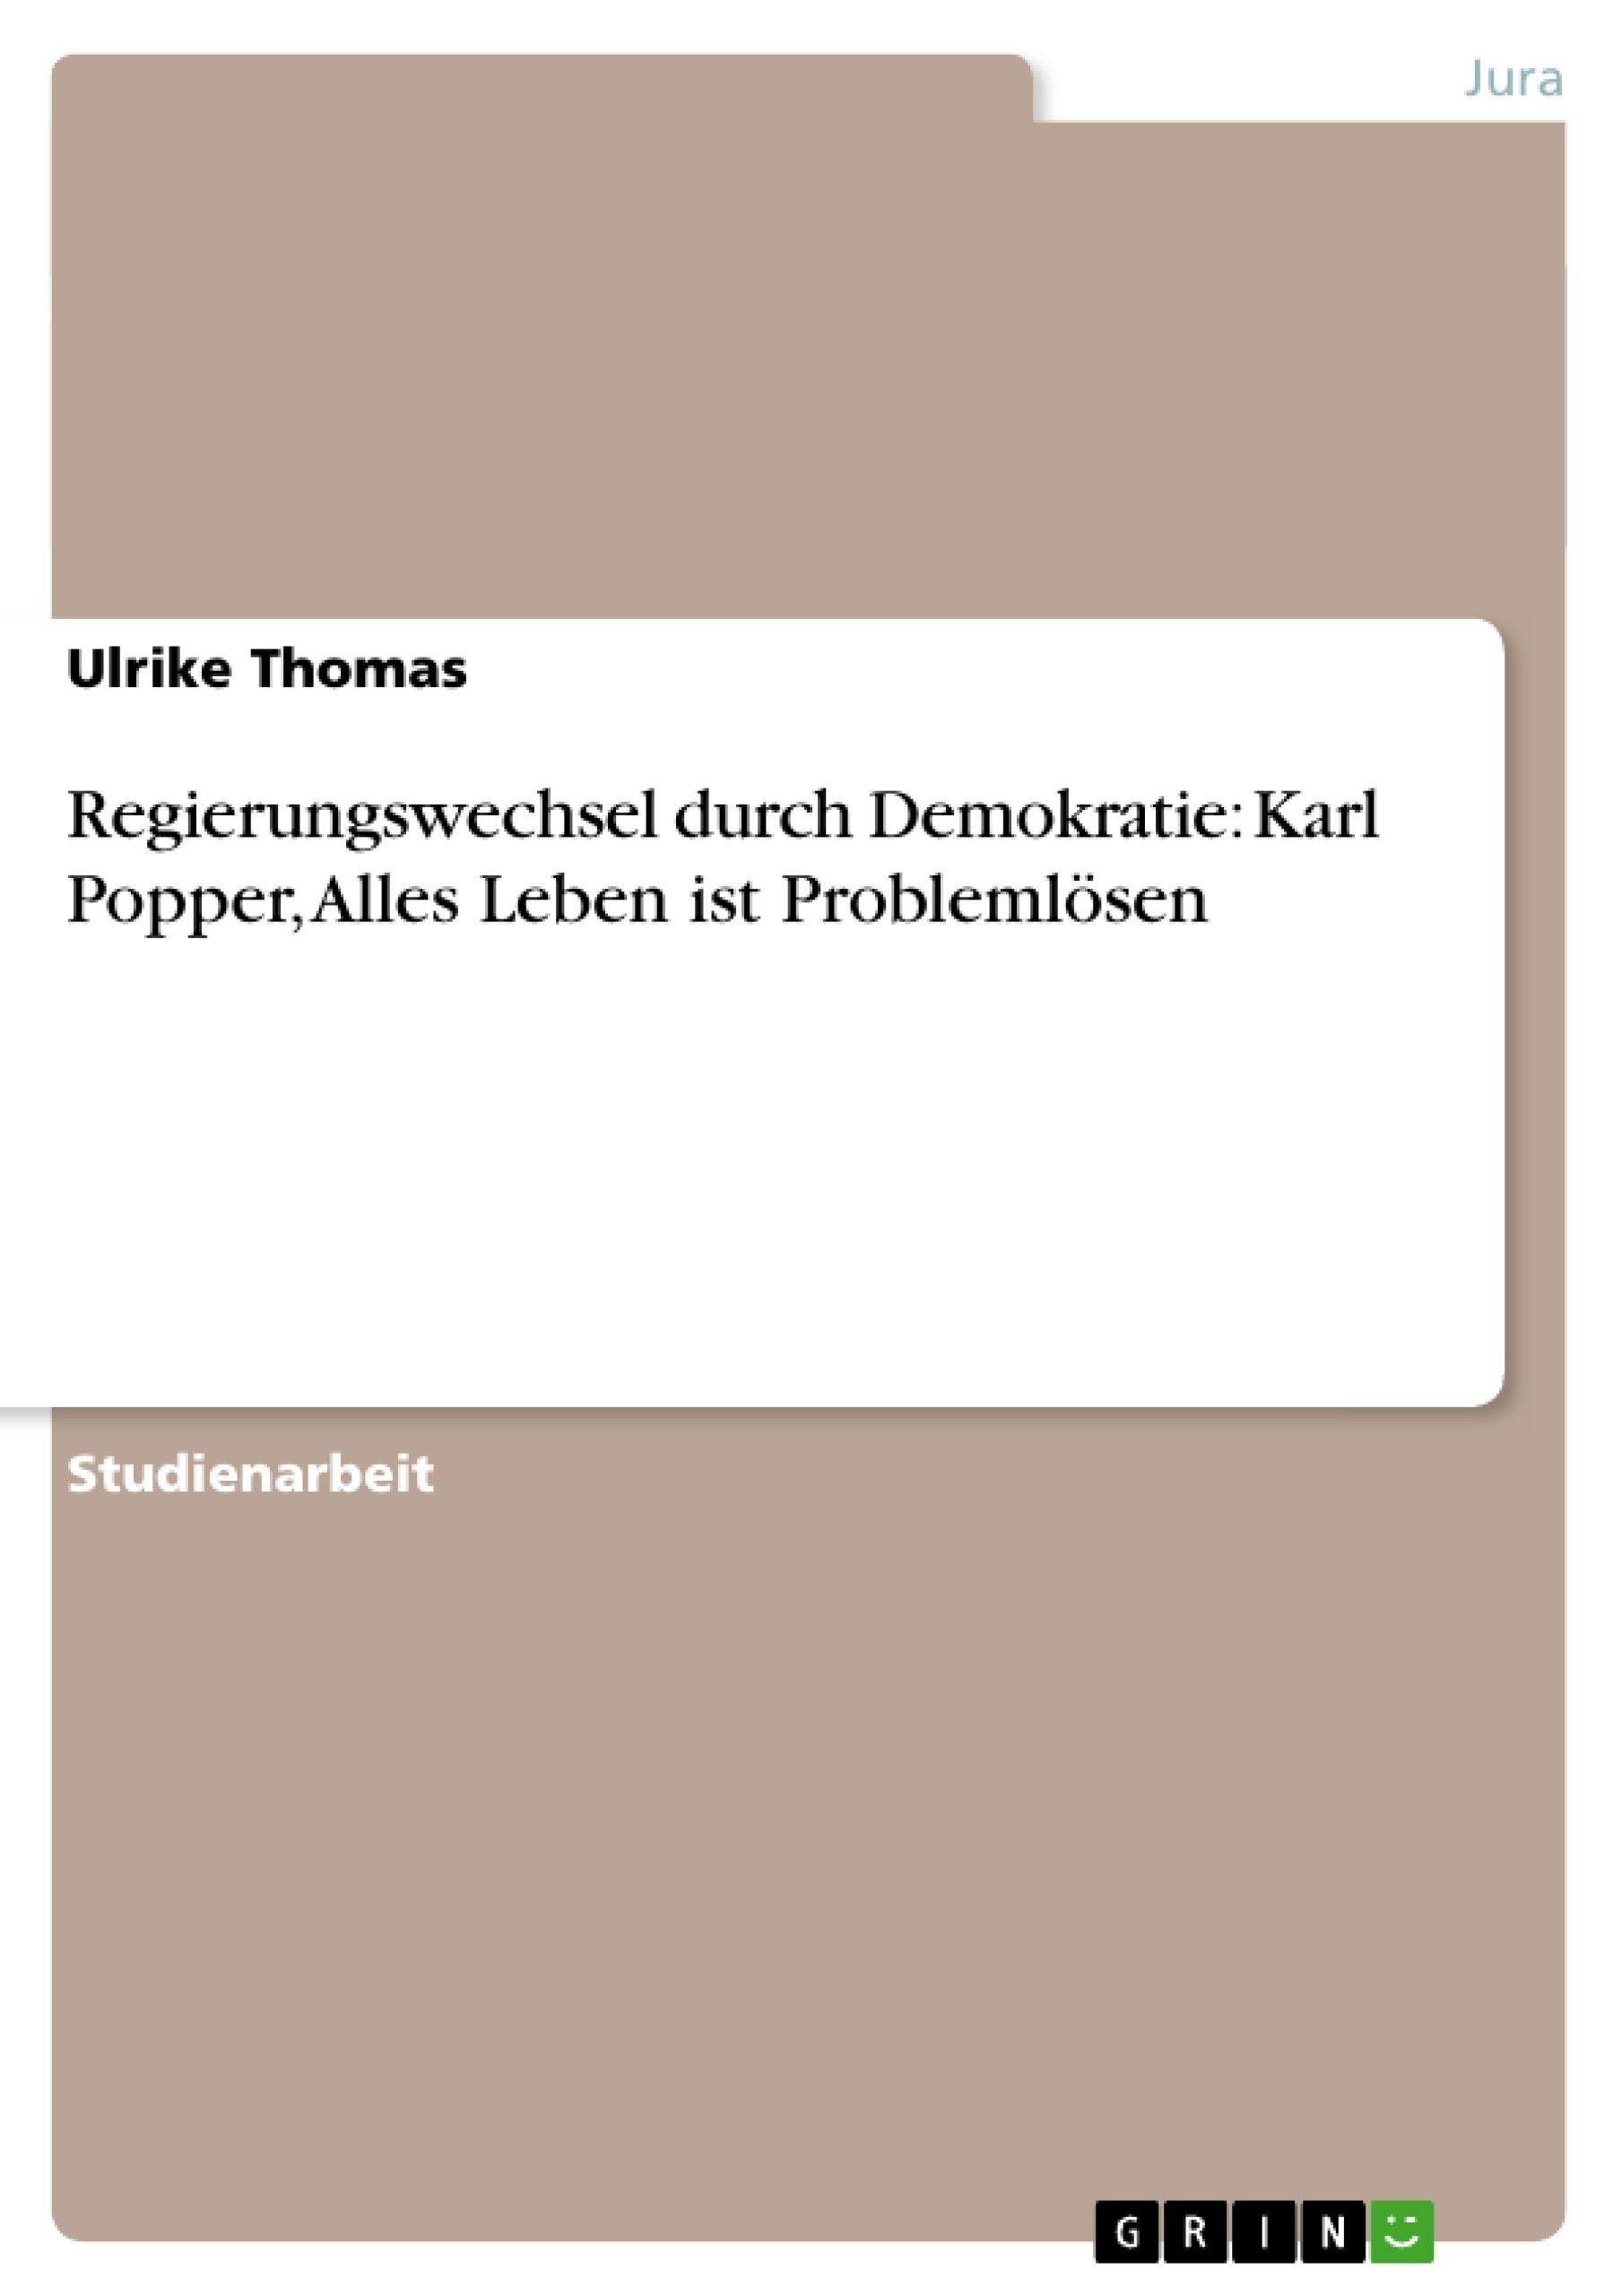 Titel: Regierungswechsel durch Demokratie: Karl Popper, Alles Leben ist Problemlösen